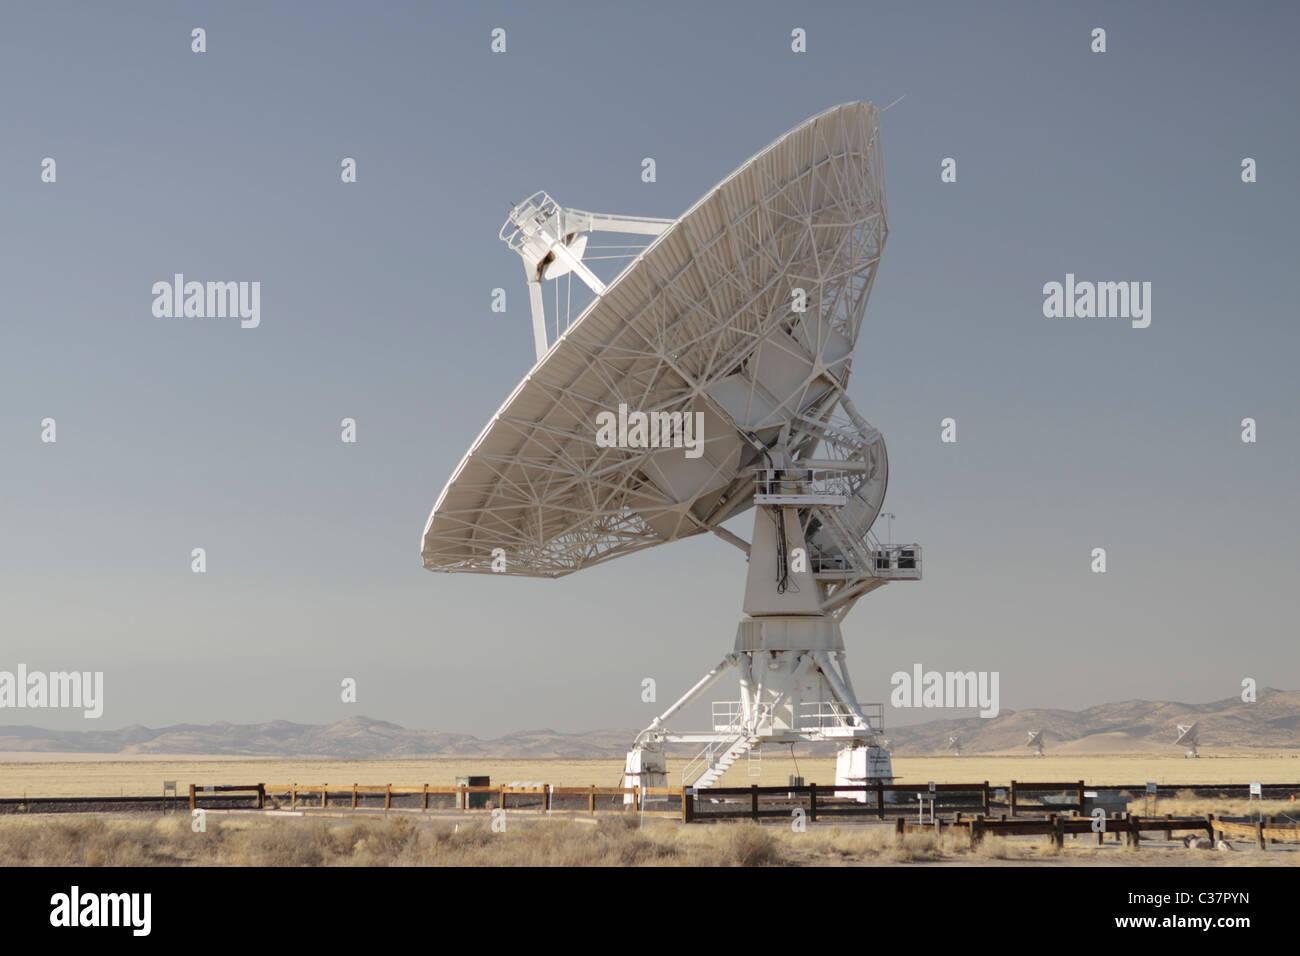 Very Large Array (VLA) radio astronomy observatory located near Socorro, New Mexico, USA. Stock Photo